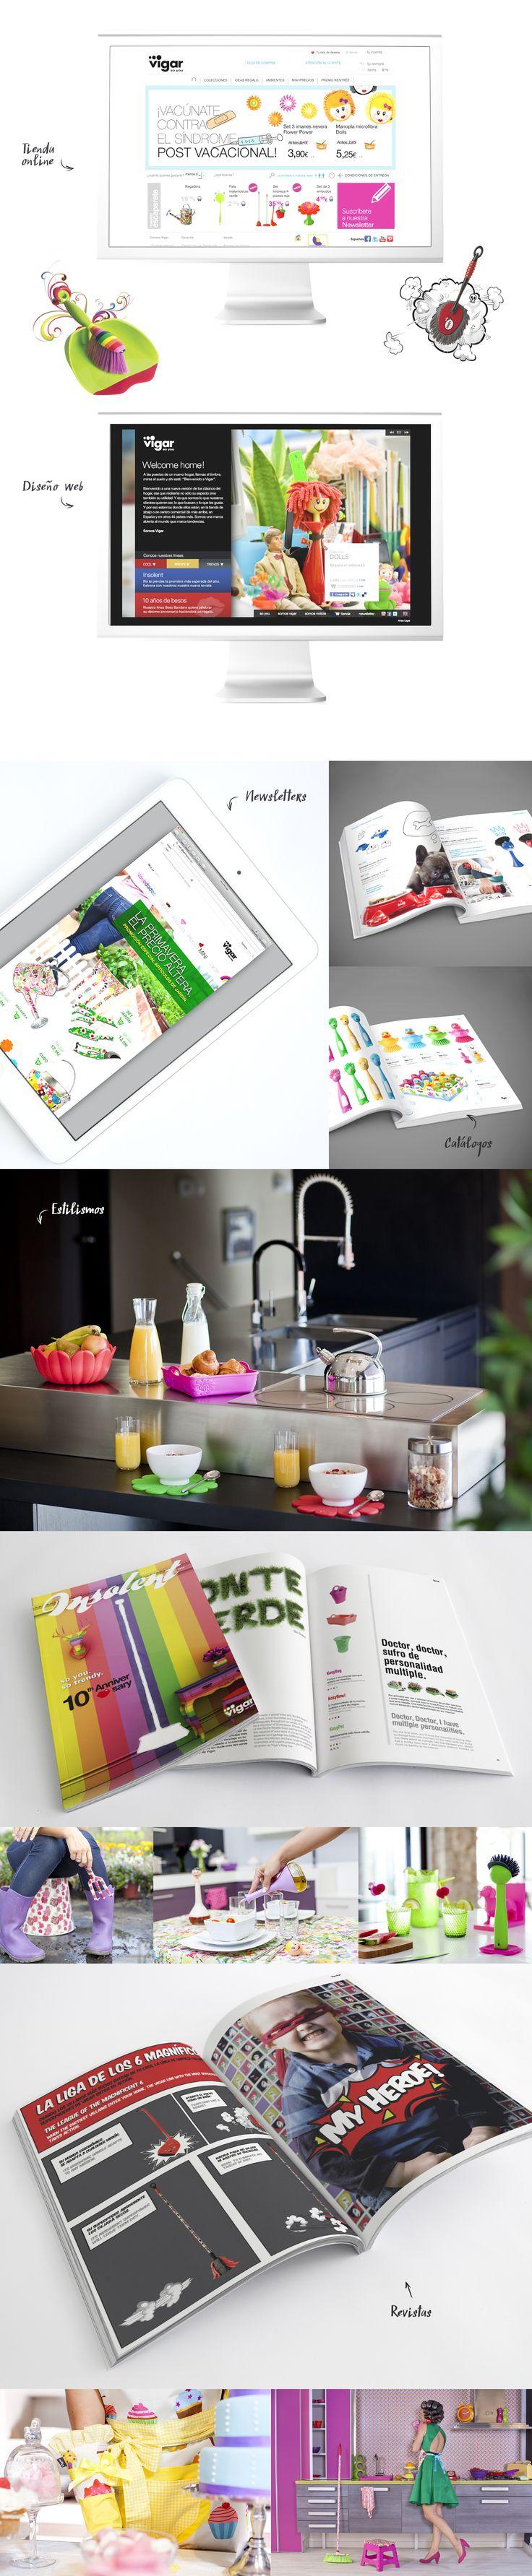 VIGAR wannaone #diseño #estilismo #fotografía editorial #web #tiendaonline #design #web #shop #online #happy #prints